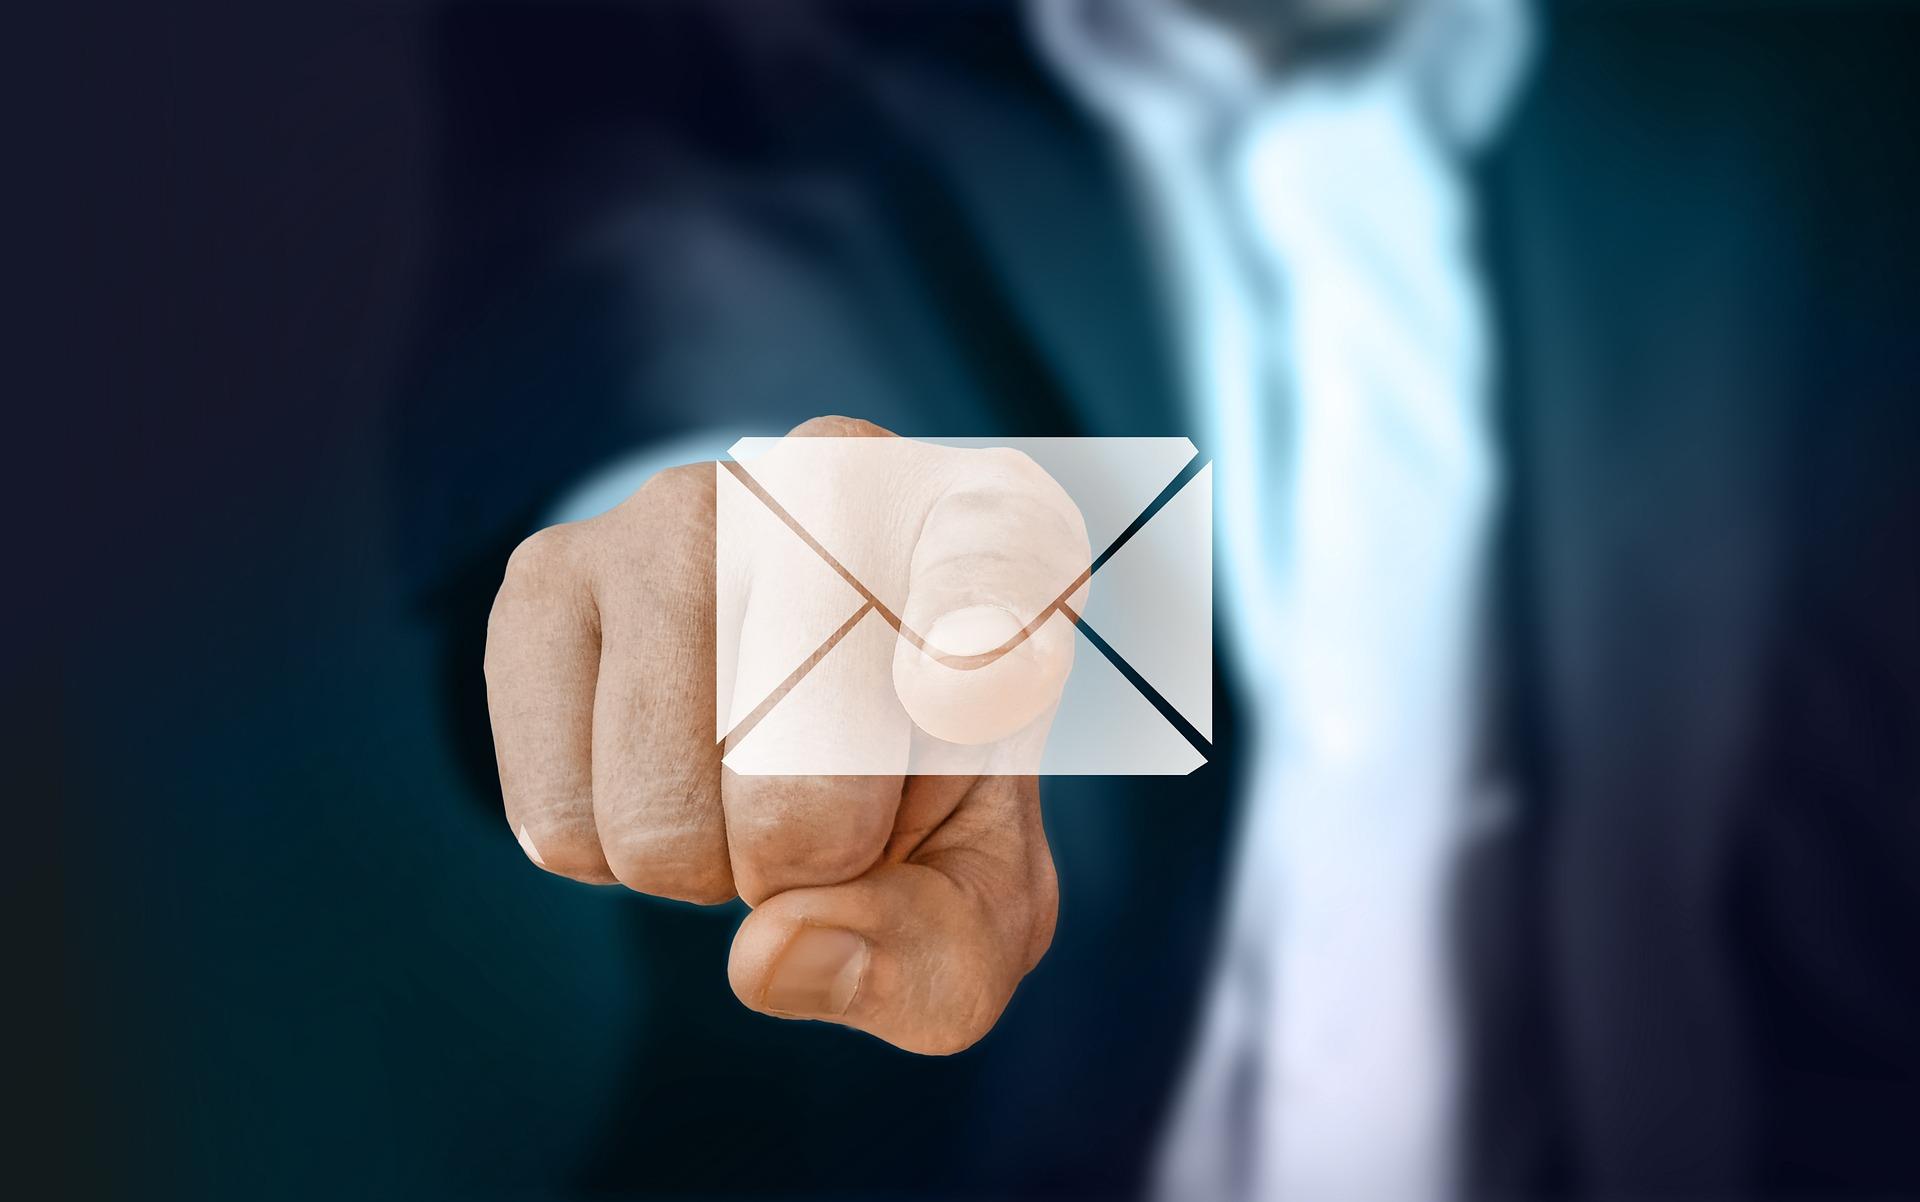 E Mail Bewerbung Anschreiben Betreff Anhang Tabellarischer